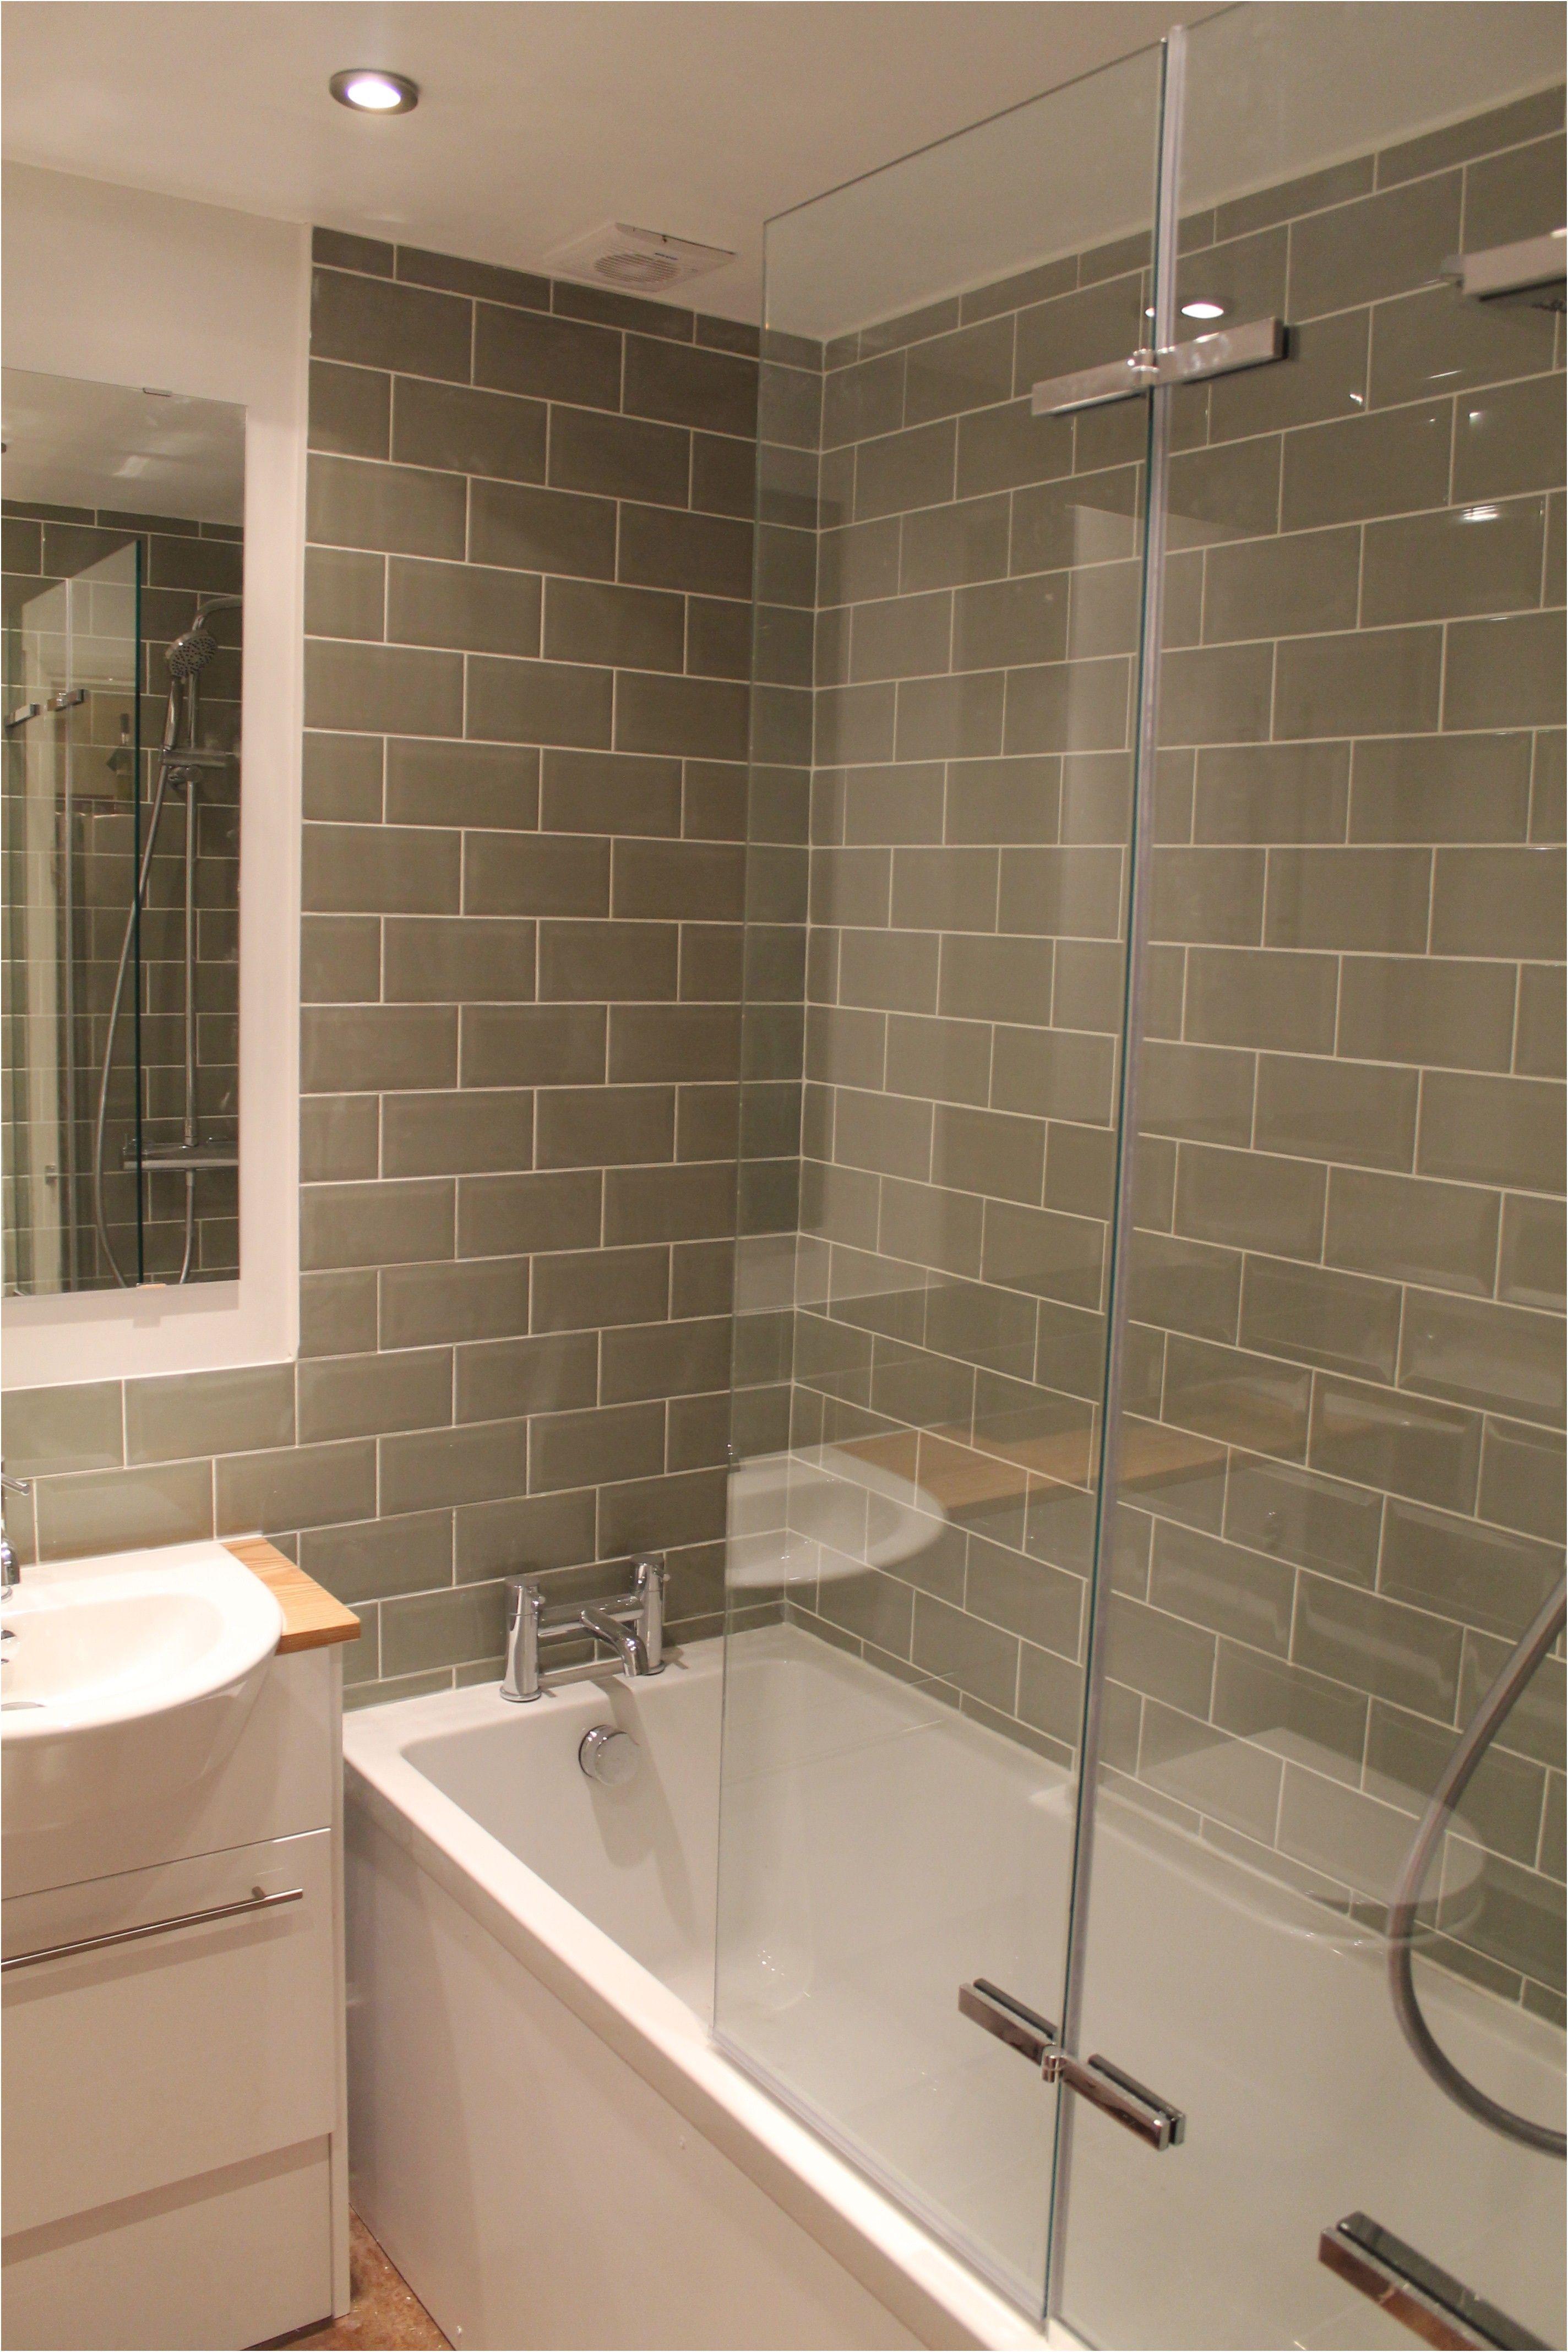 images of bathroom tile designs valoblogi com rh valoblogi com